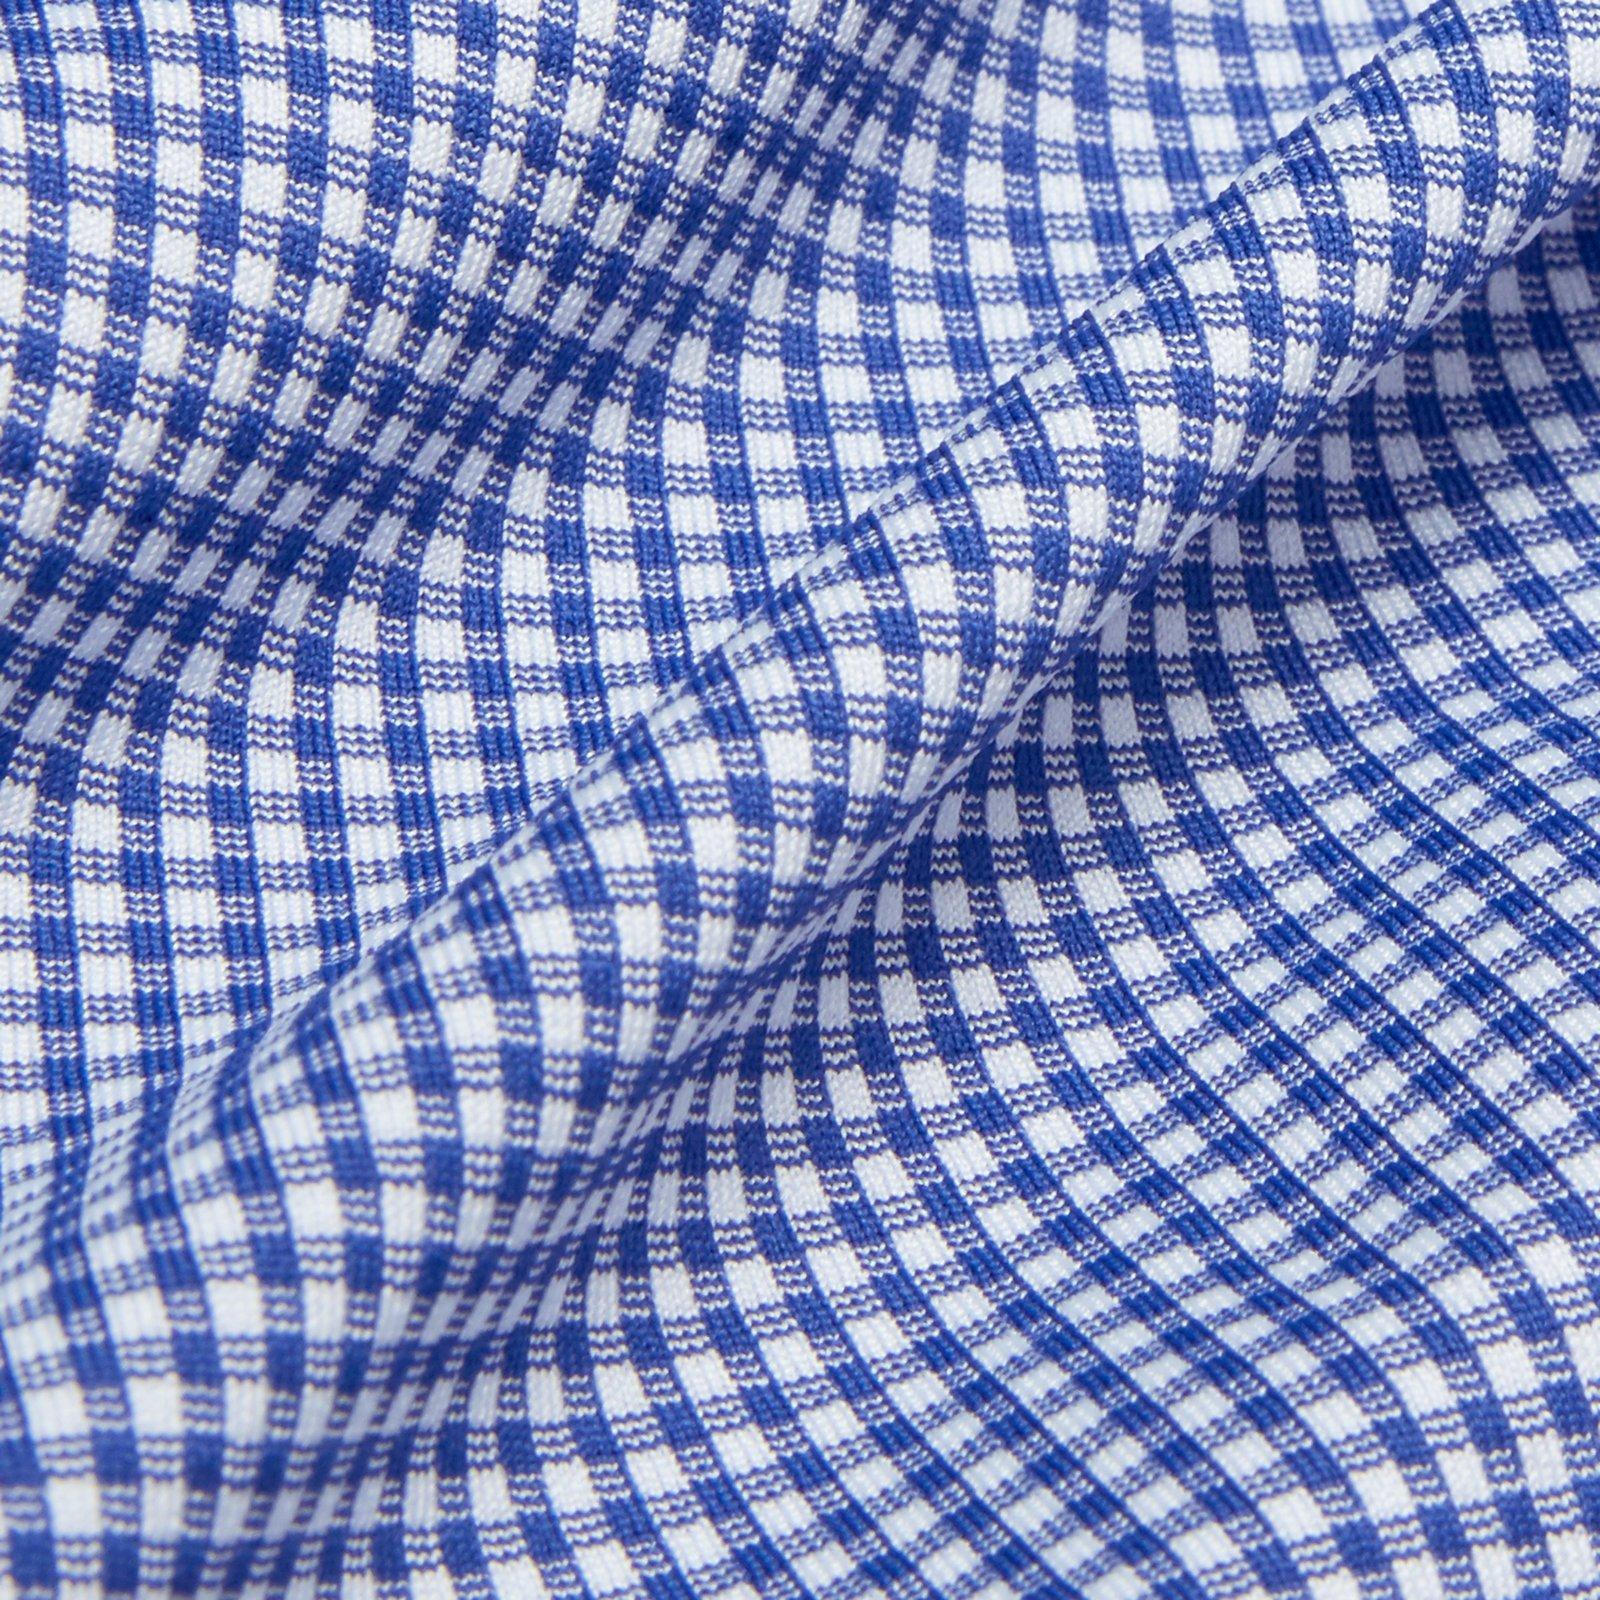 Mizzen and Main Spinnaker fabric